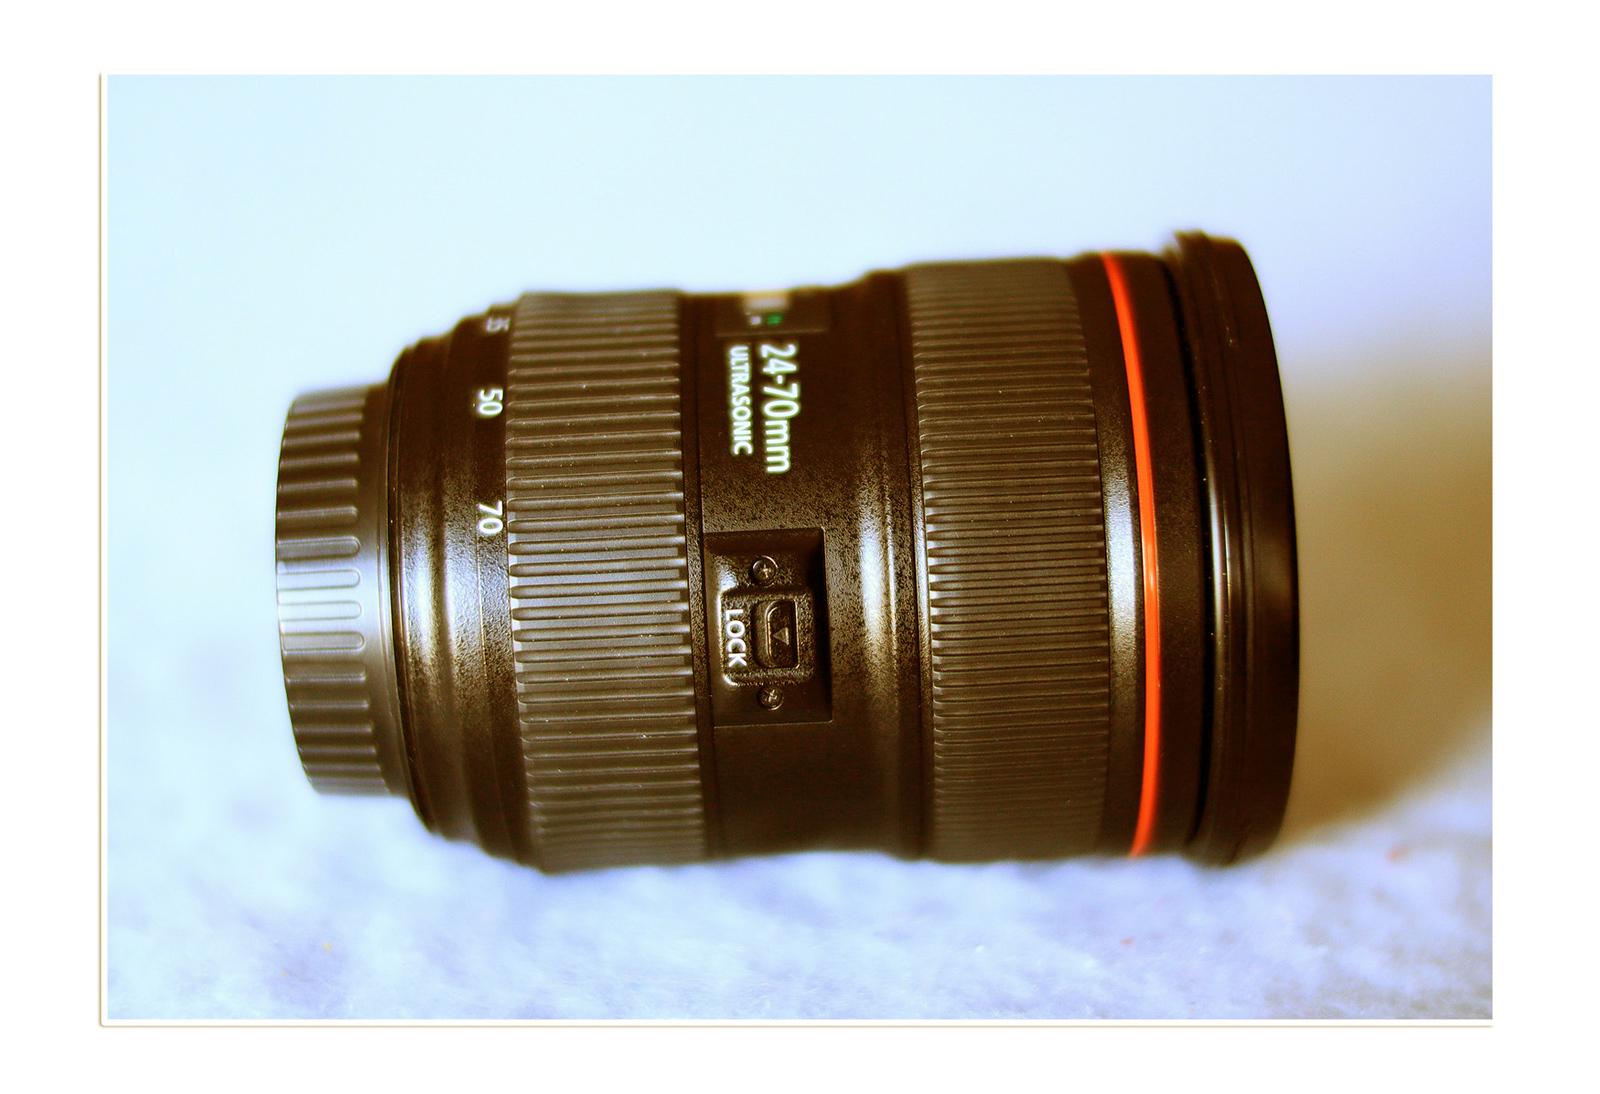 IMAGE: https://photos.smugmug.com/Electronics/EOS-M50/i-Hbndcrb/0/026f89b1/X3/potnc-X3.jpg